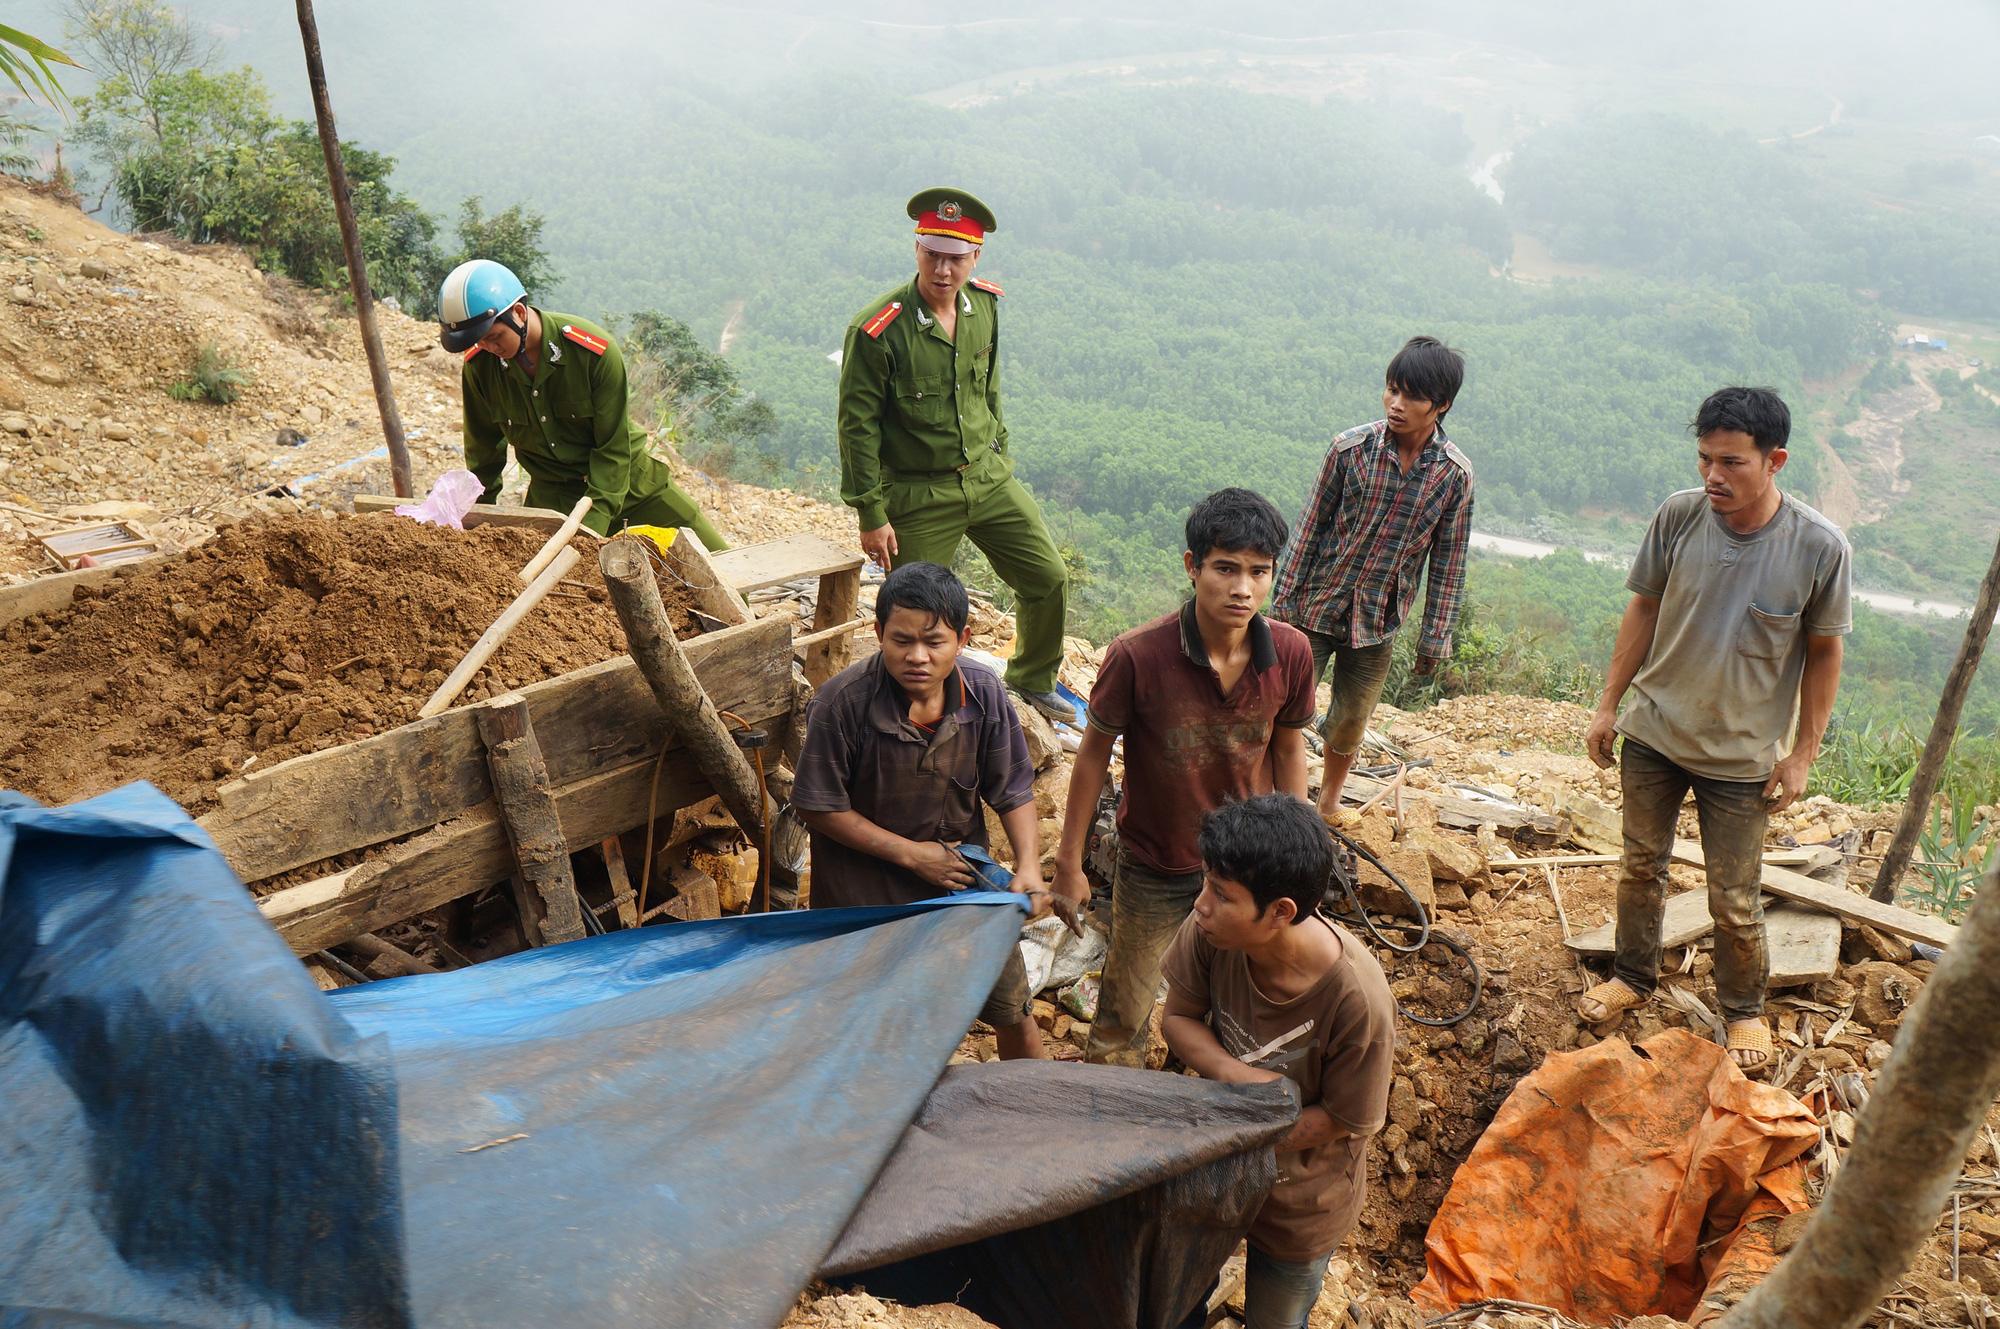 Quảng Nam: Chủ tịch tỉnh yêu cầu kiểm tra 14 doanh nghiệp khai thác khoáng sản - Ảnh 2.